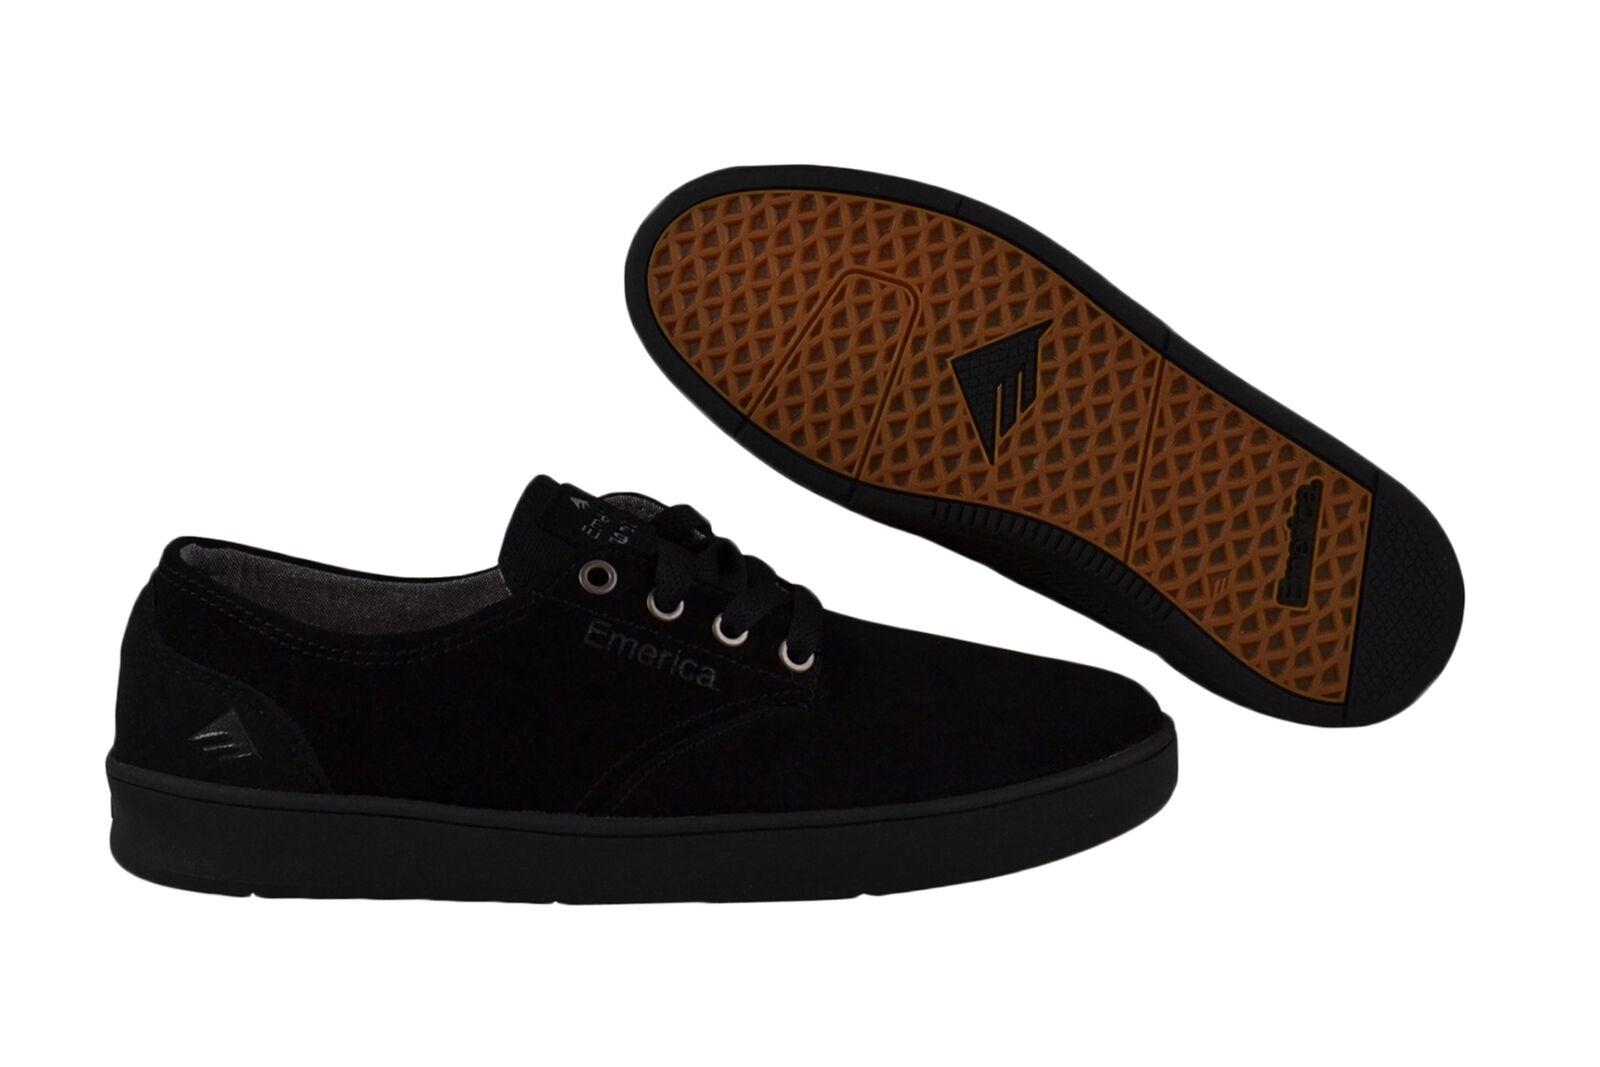 Emerica The Romero Laced schwarz schwarz Turnschuhe Schuhe schwarz